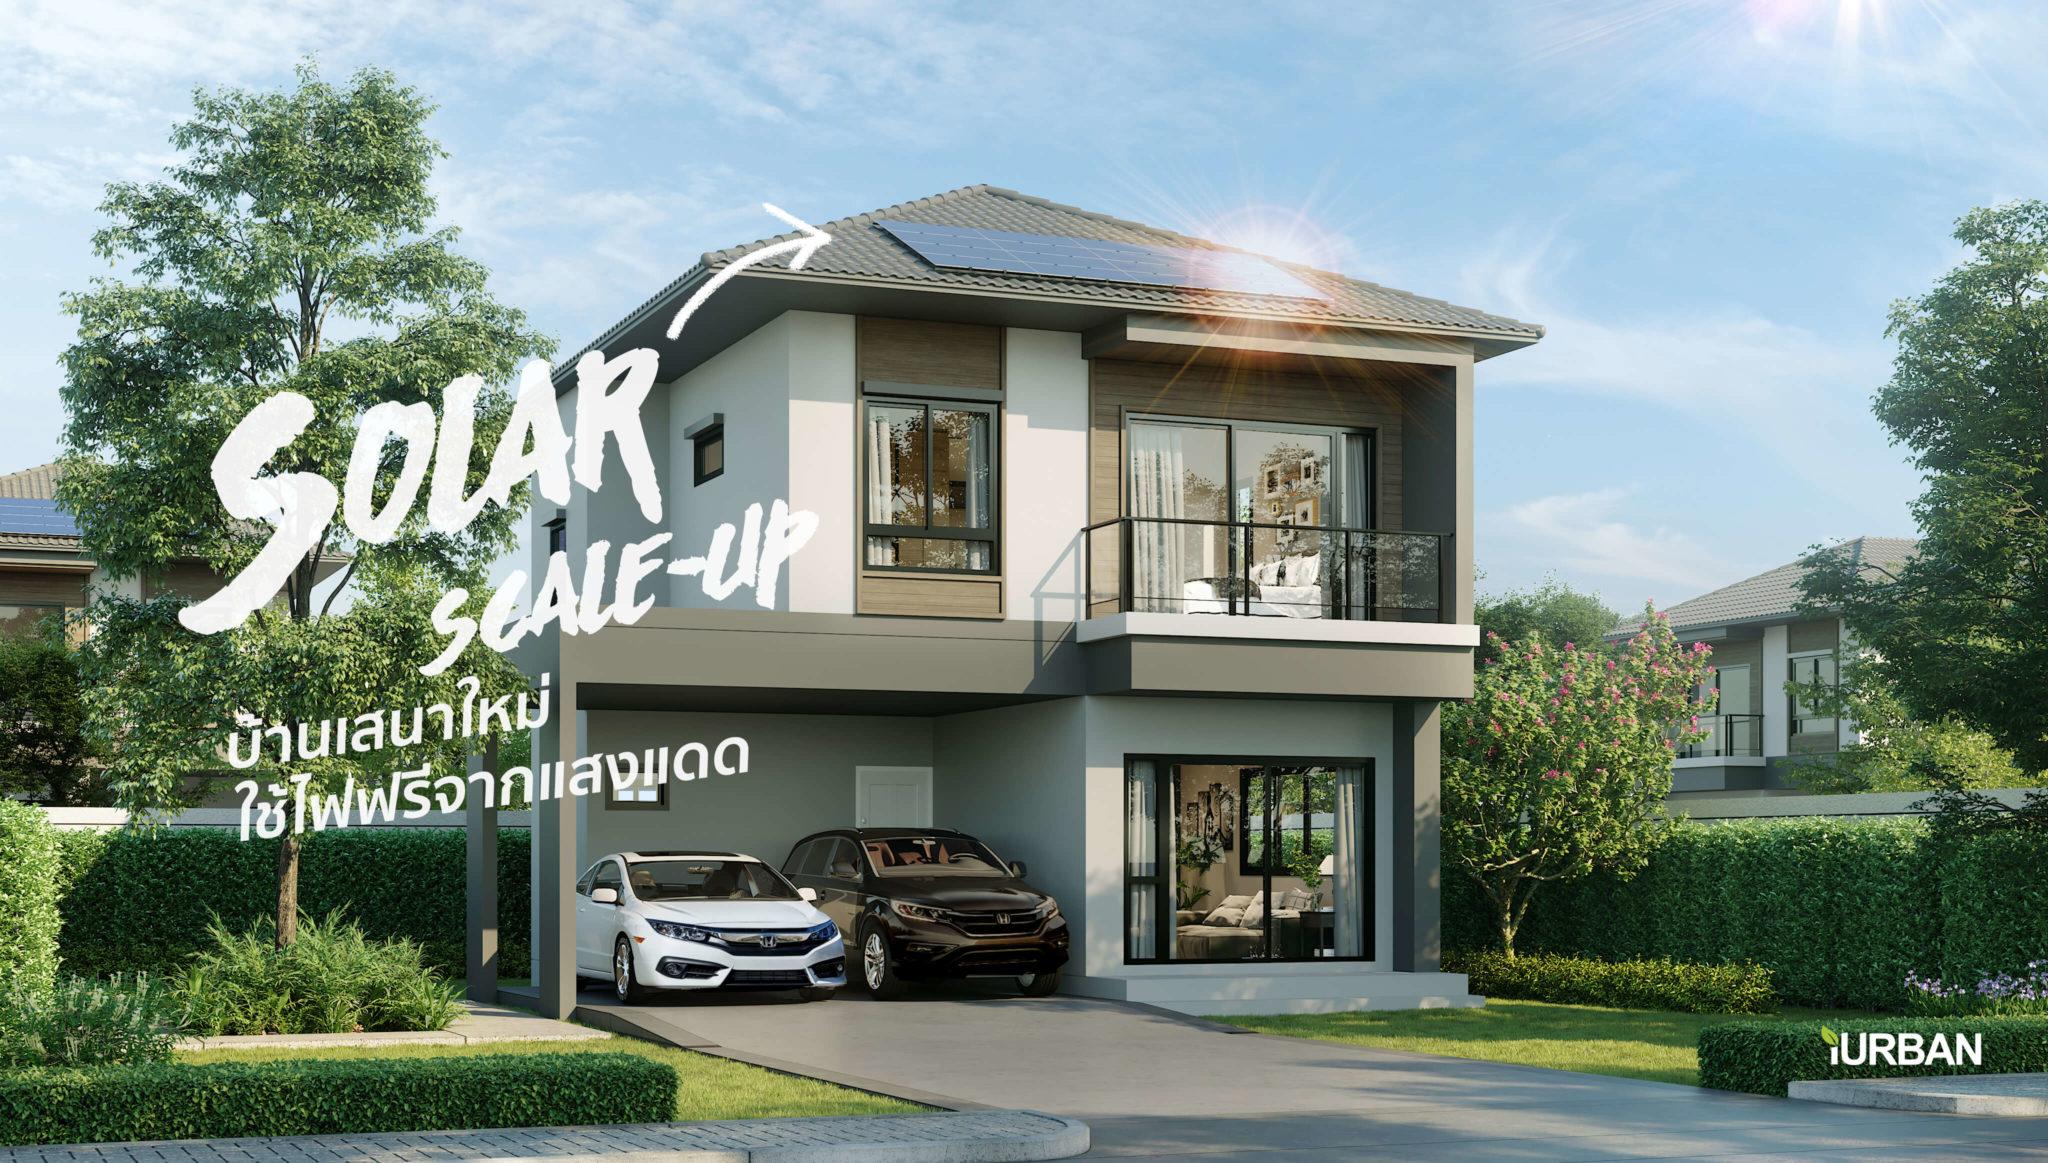 ซื้อบ้านใหม่-ใช้ไฟฟรี SENA ทันสมัยจัดให้พร้อมพลัง Solar ที่ Scale Up คำนวนไฟก่อนซื้อได้ 13 - Premium